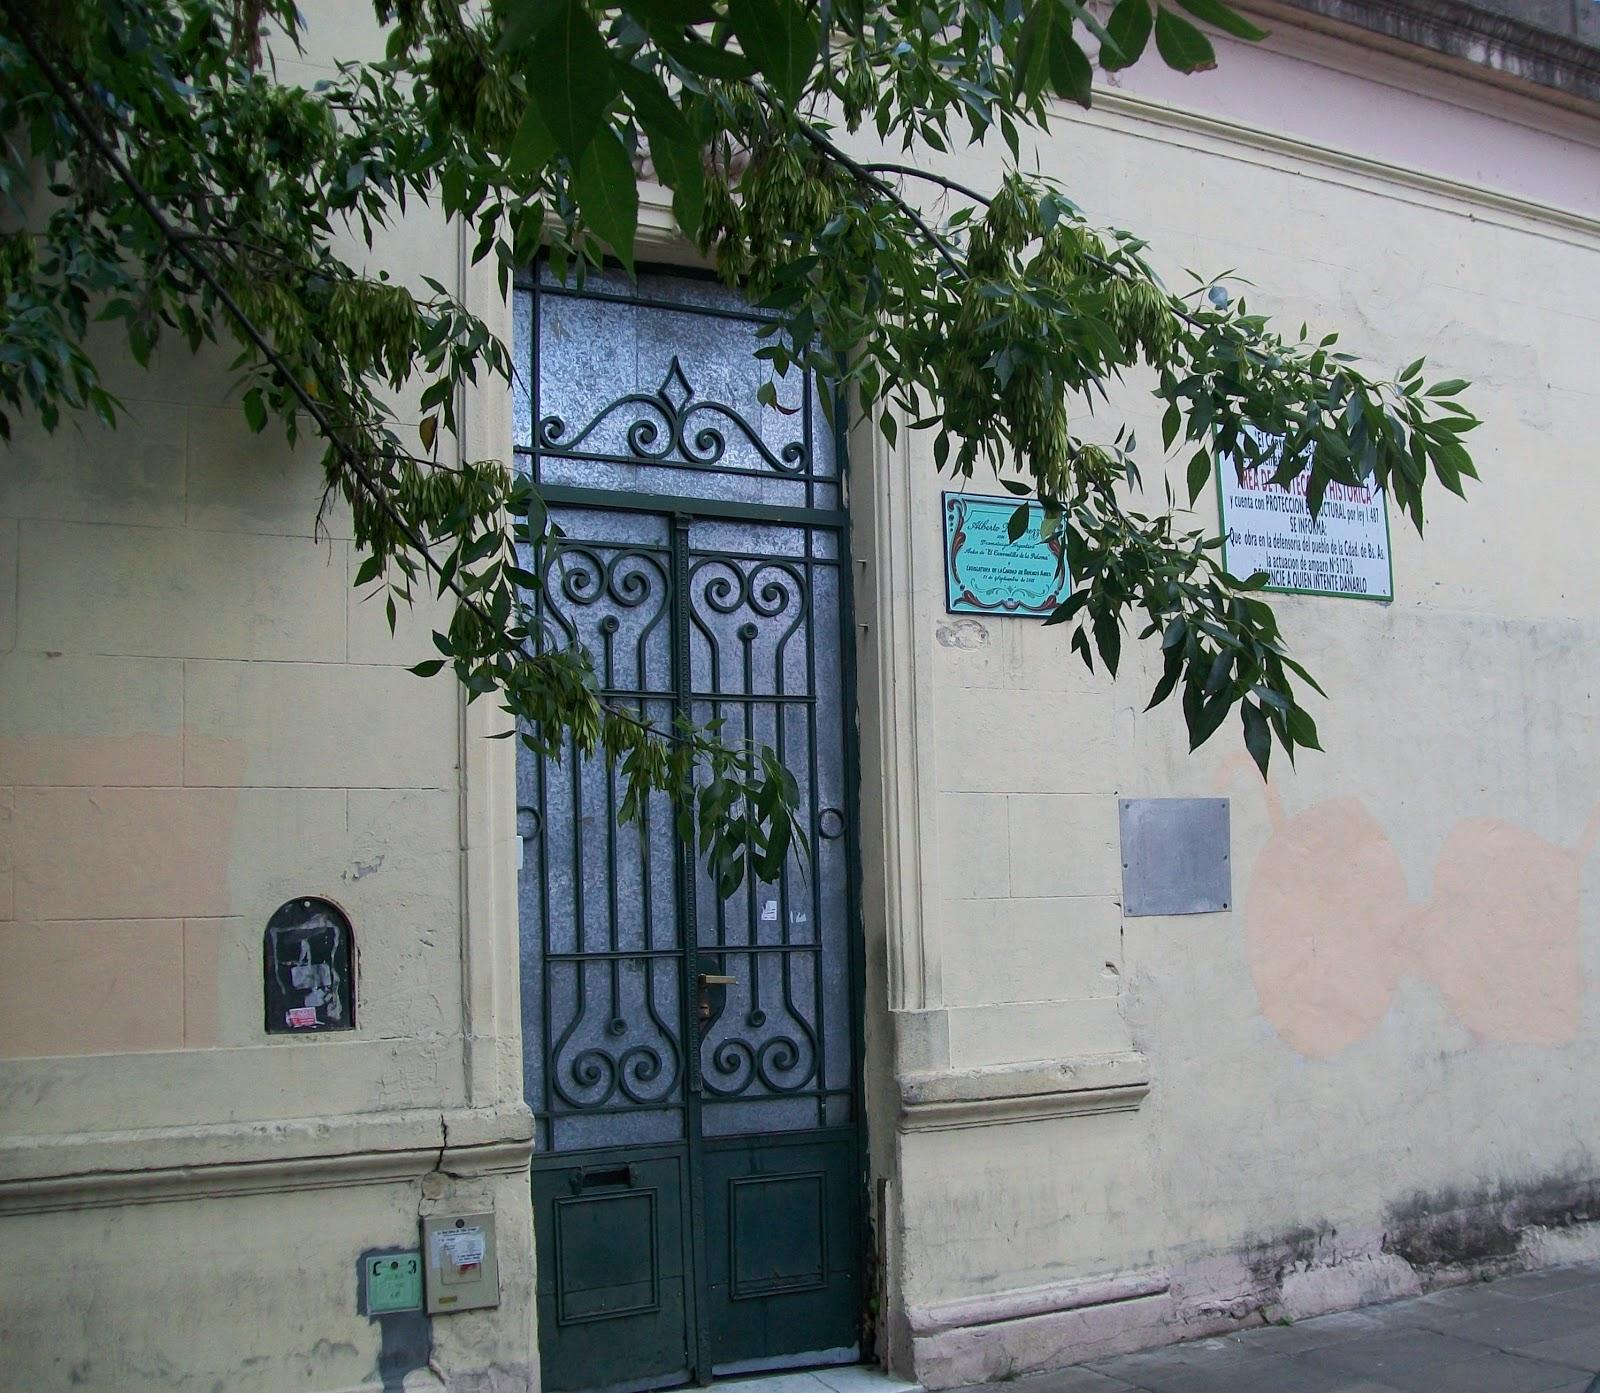 El conventillo de la paloma complejo de viviendas casa de inquilinato serrano 148 156 y thames 139 147 ciudad aut noma de buenos aores